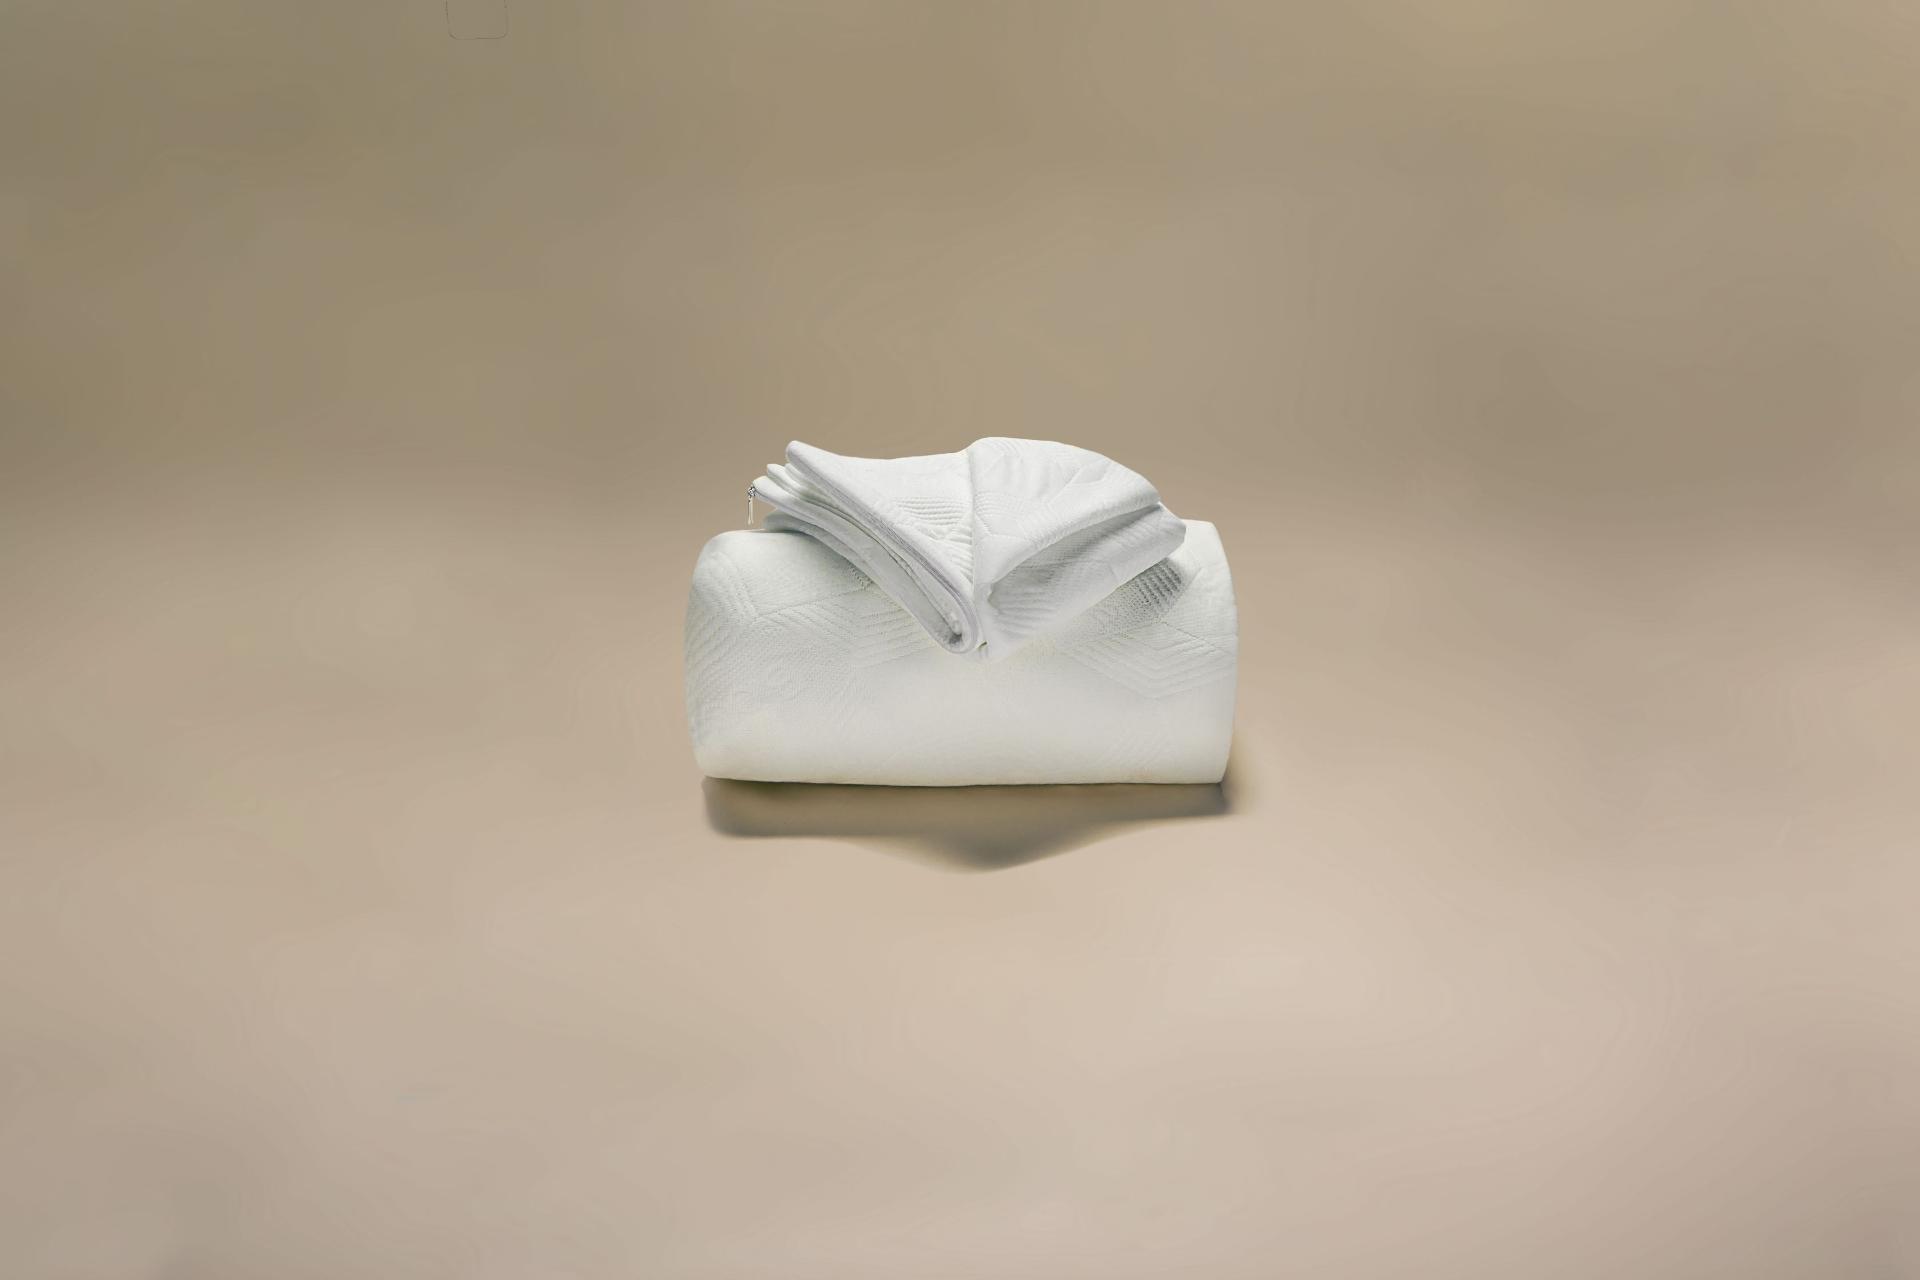 coprimaterasso maglia semi imbottito bioceramic a cappuccio